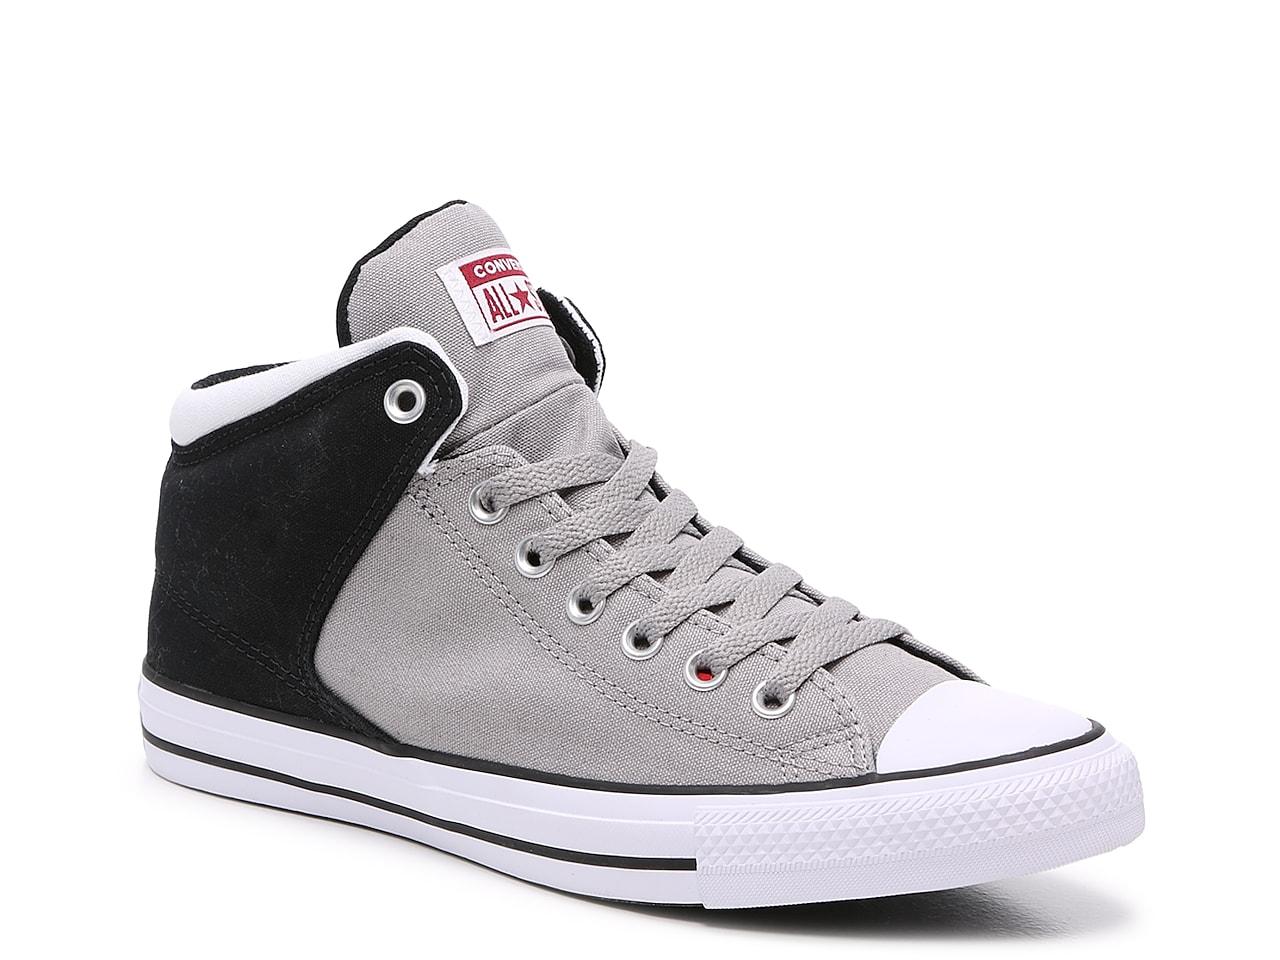 Chuck Taylor All Star Hi Street High-Top Sneaker - Men's